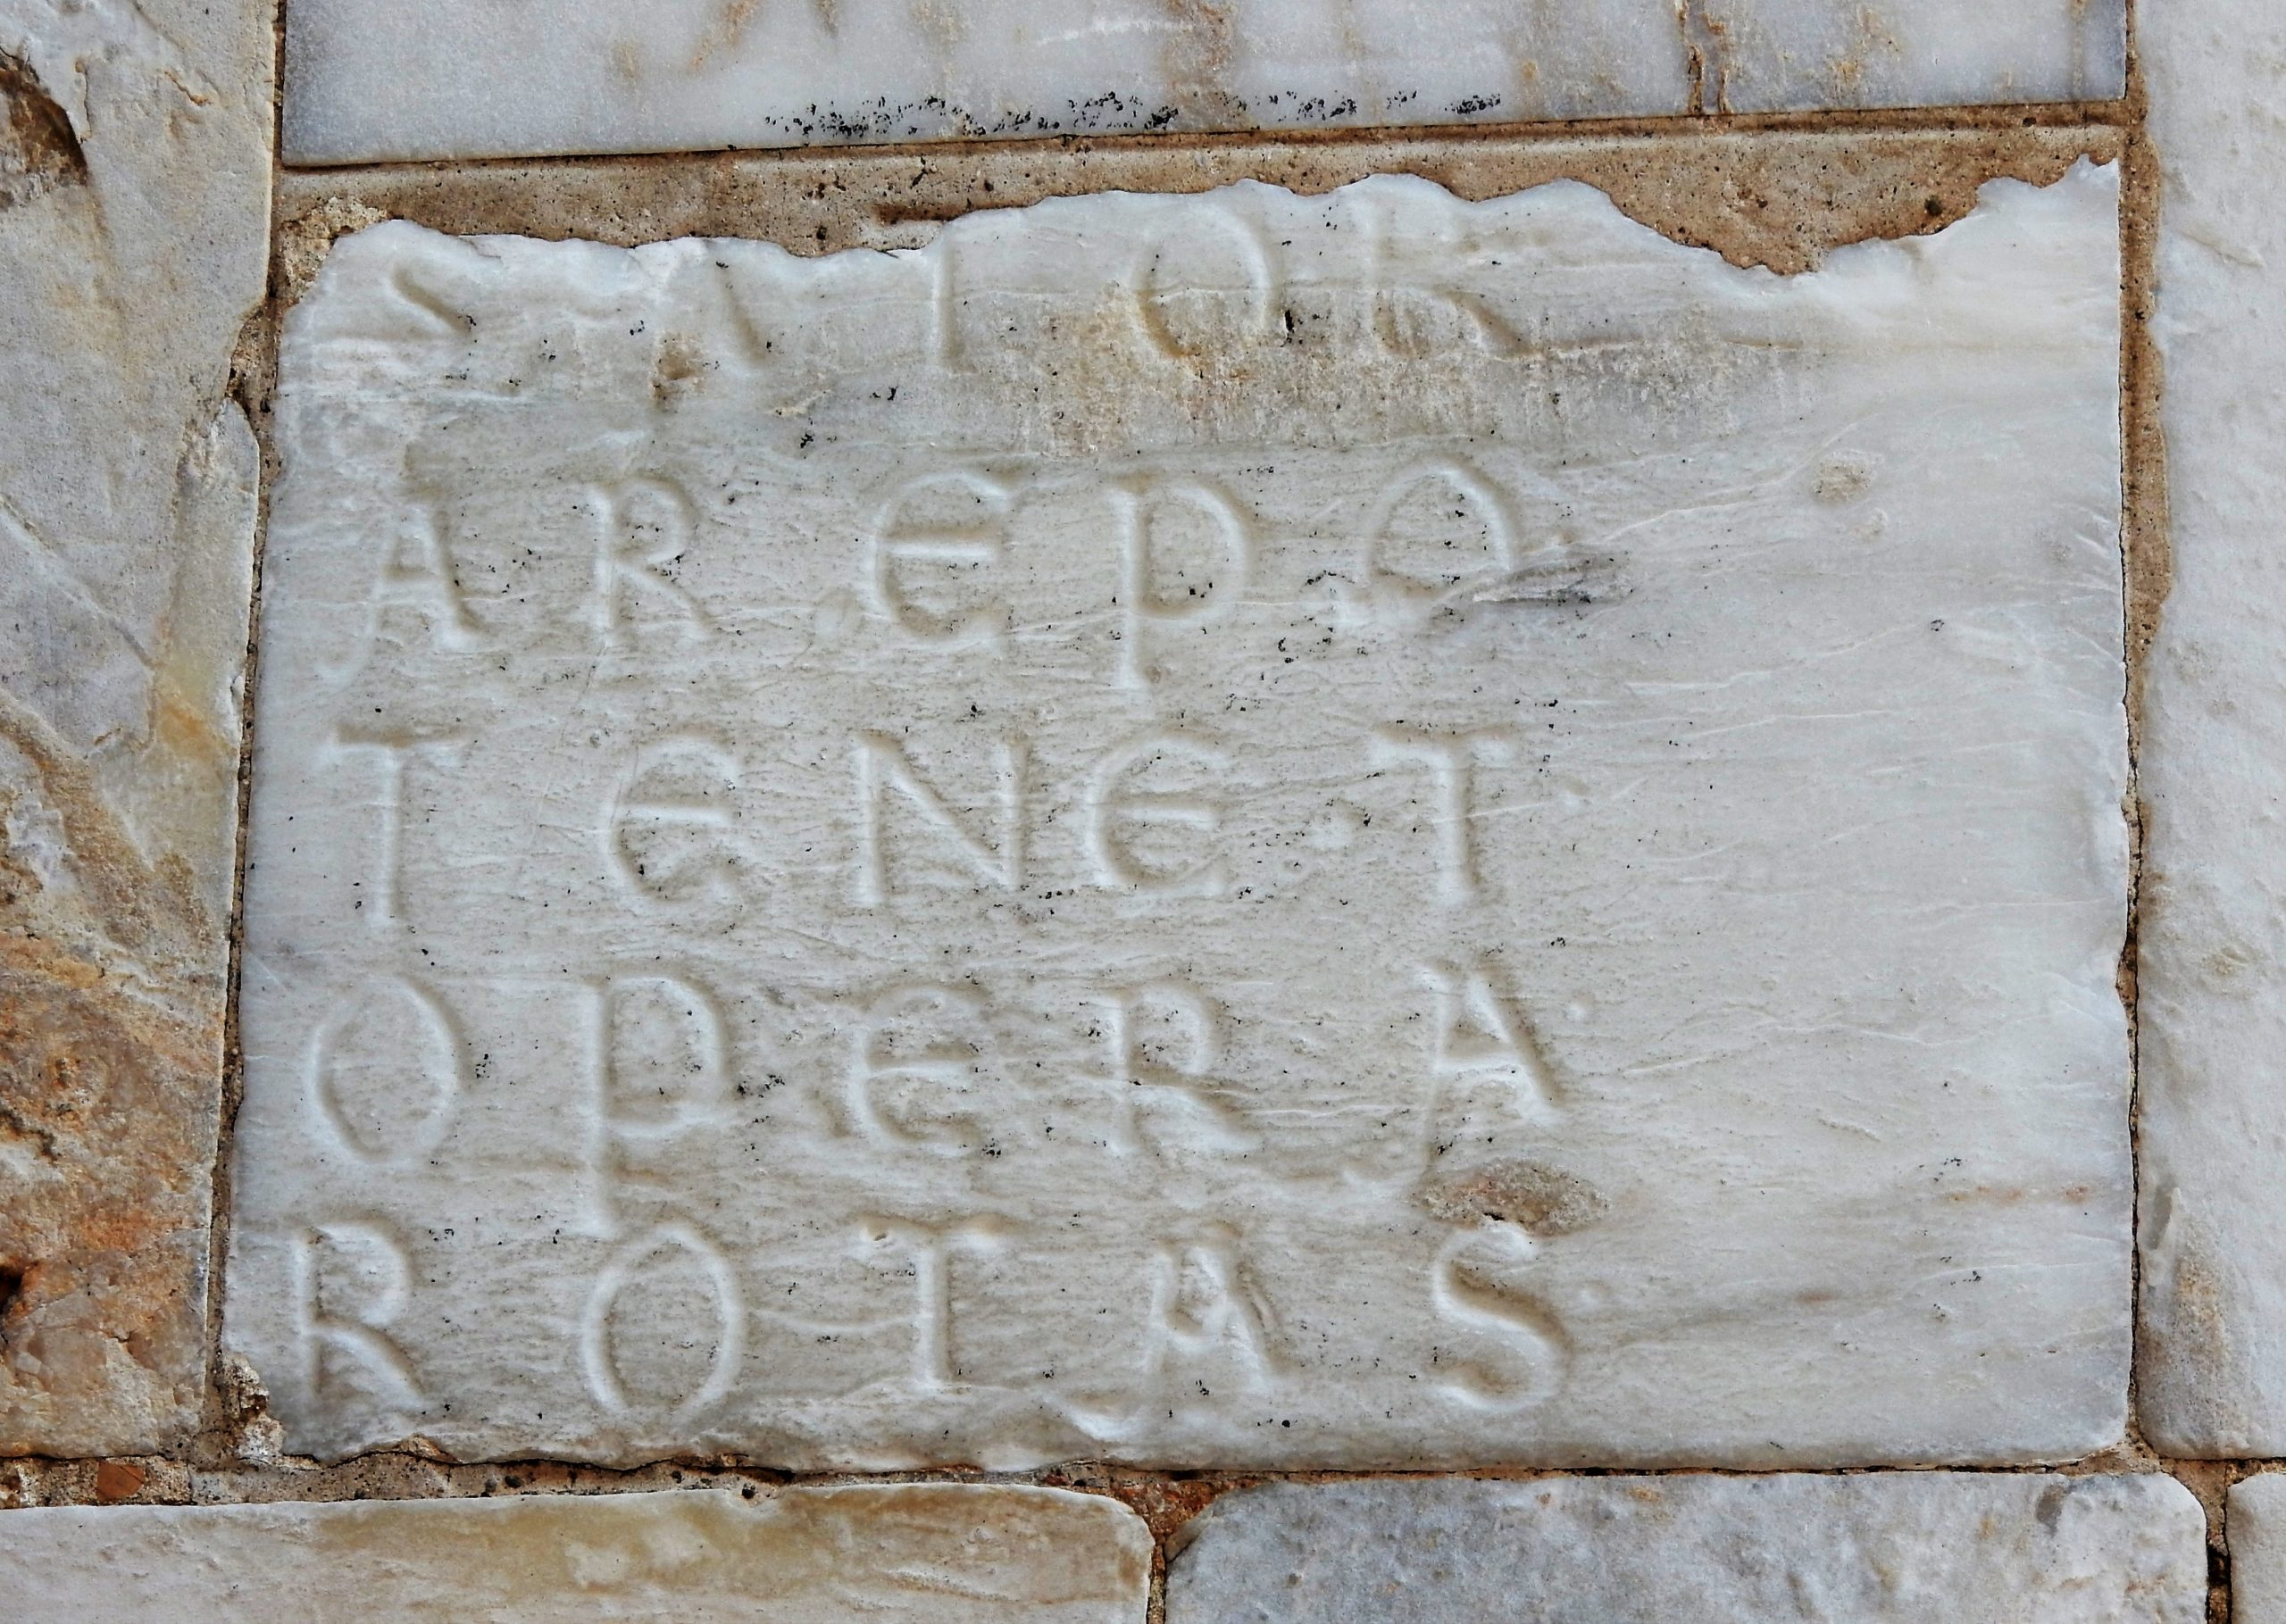 SATOR Kwadrat, Duomo, Siena